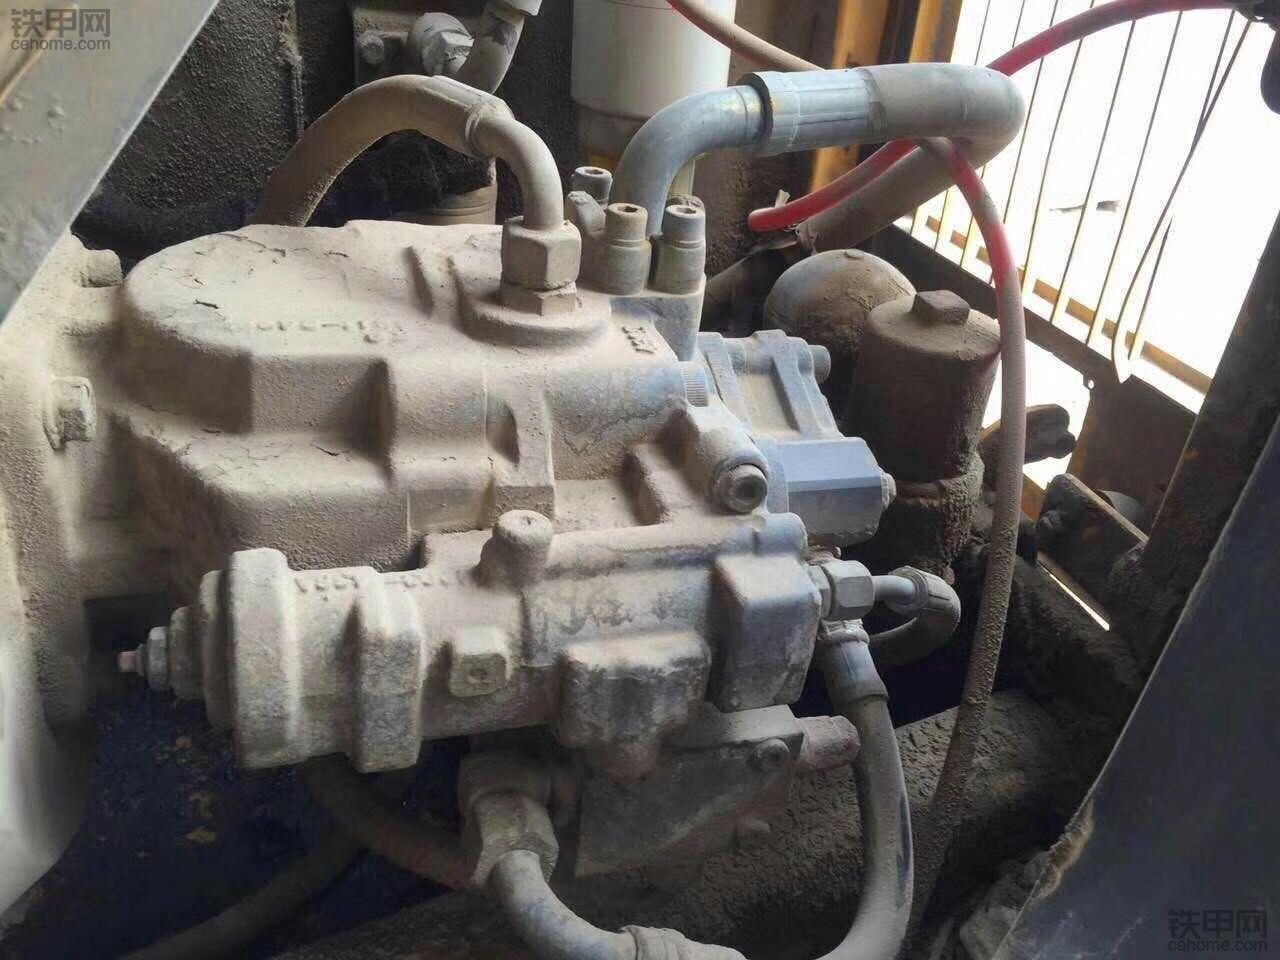 徐工 XE80A 二手挖掘机价格 12.5万 5000小时